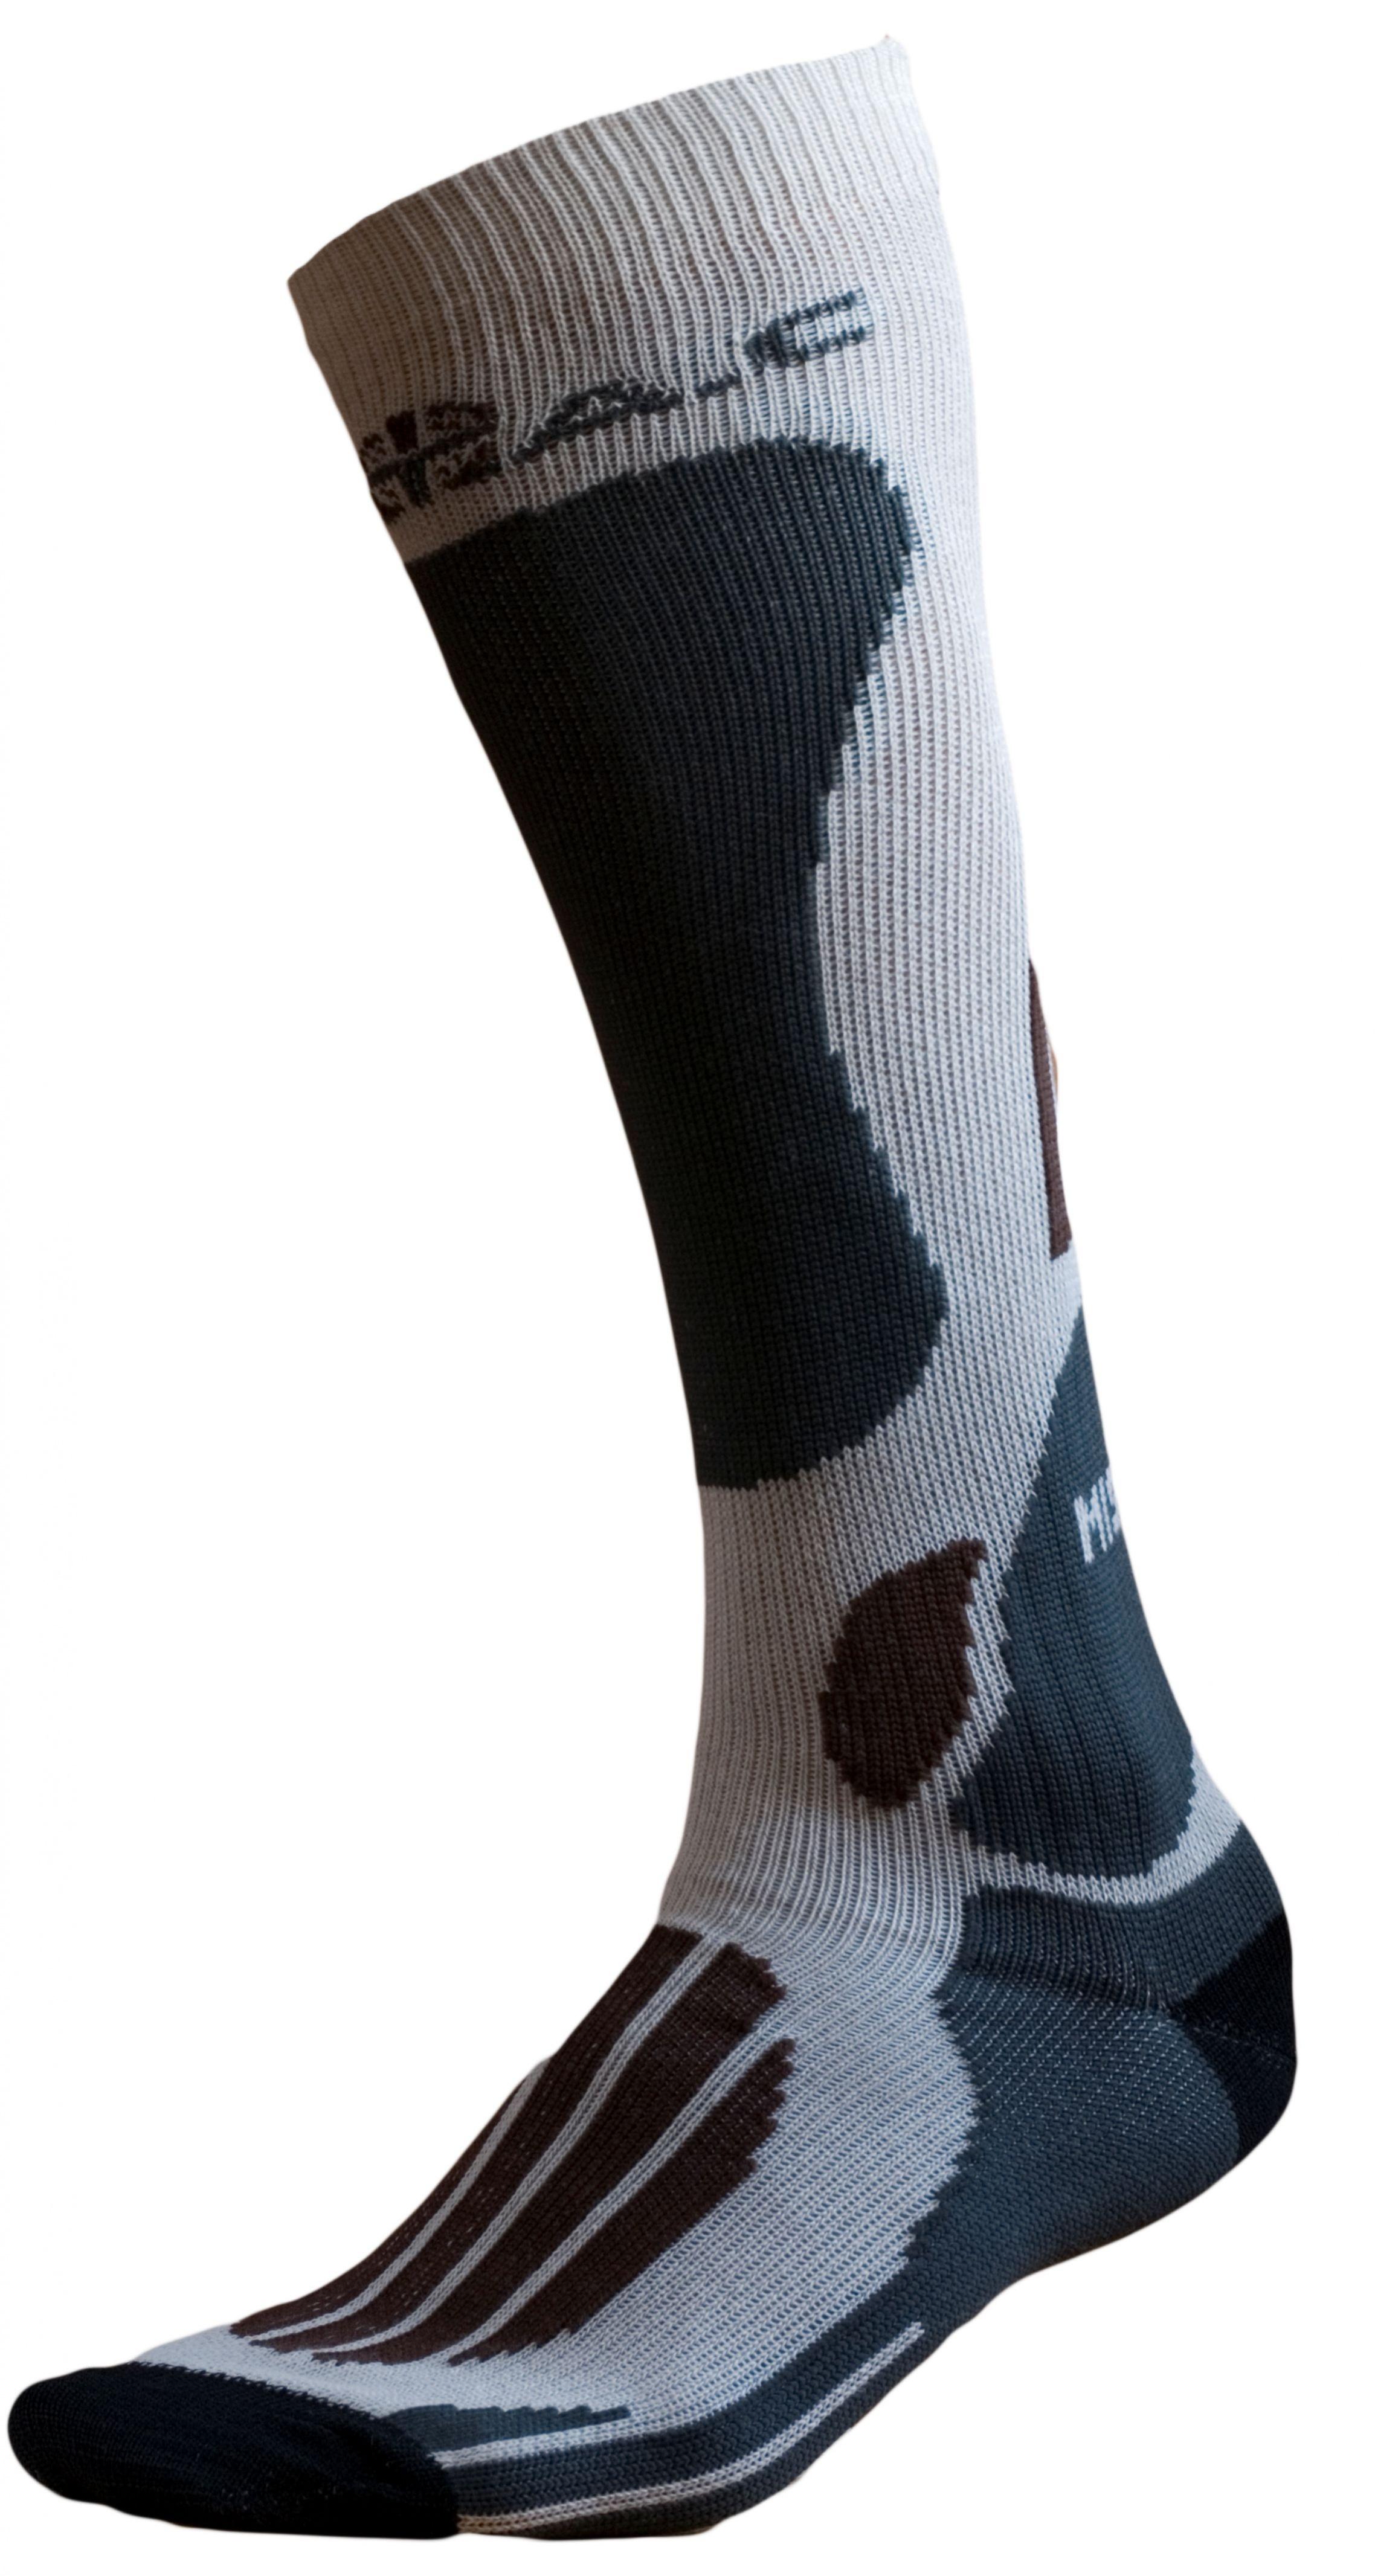 Ponožky BATAC Mission MI13 vel. 34-35 - brown